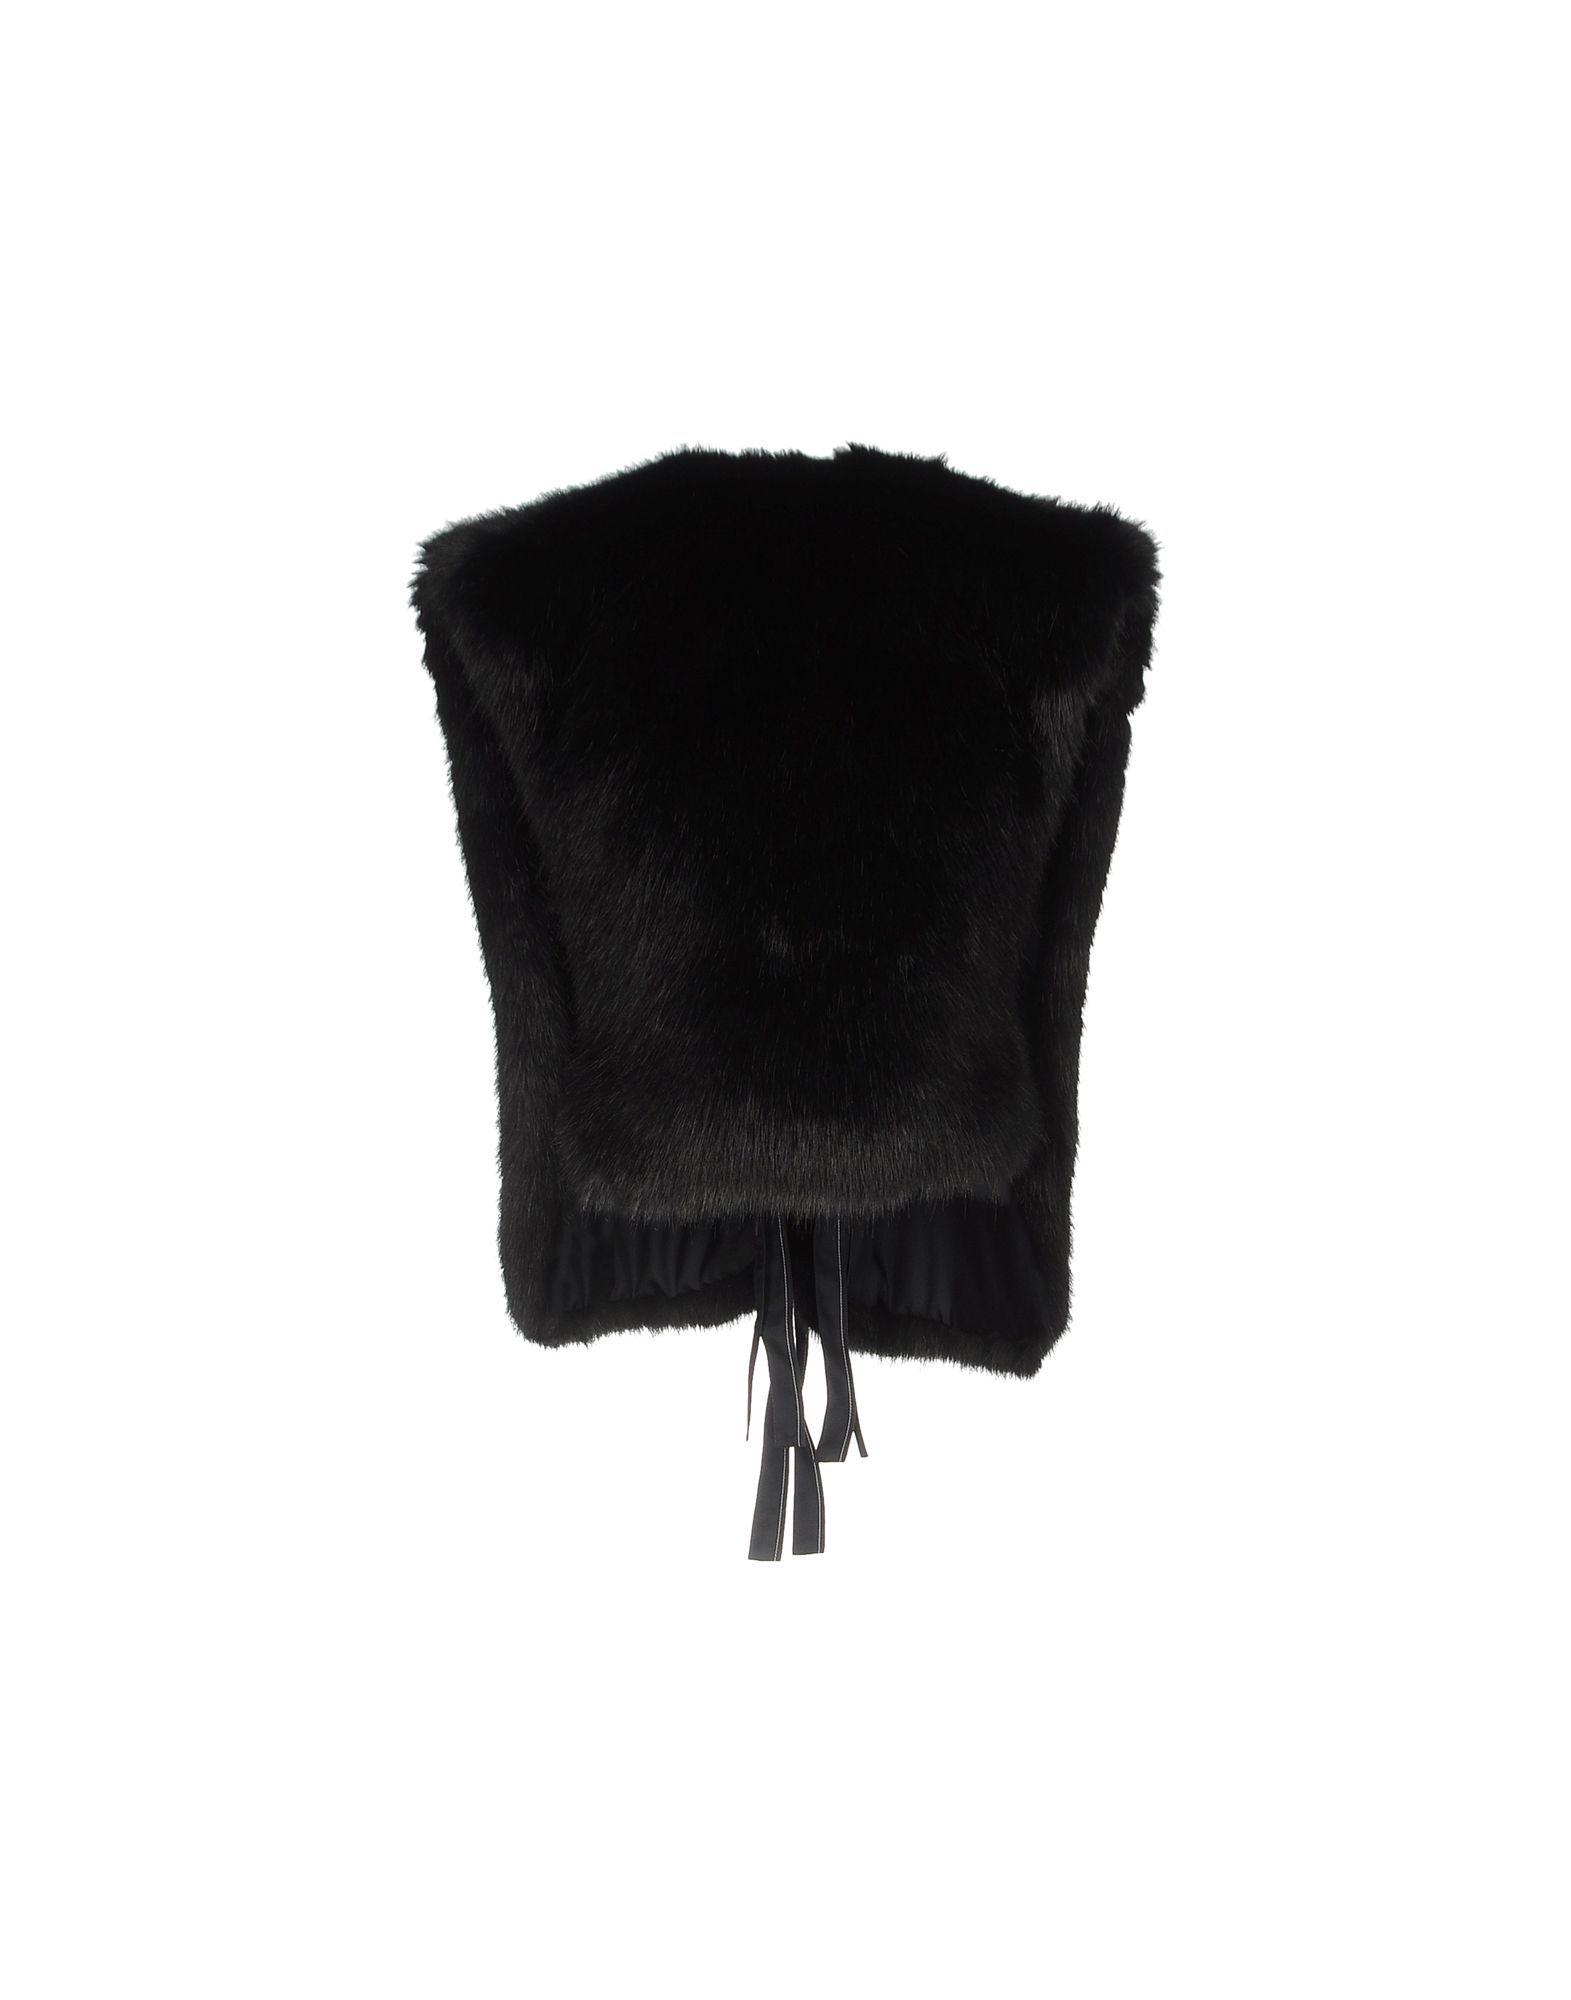 Helmut Lang Women's Teddy Coat Modacrylic